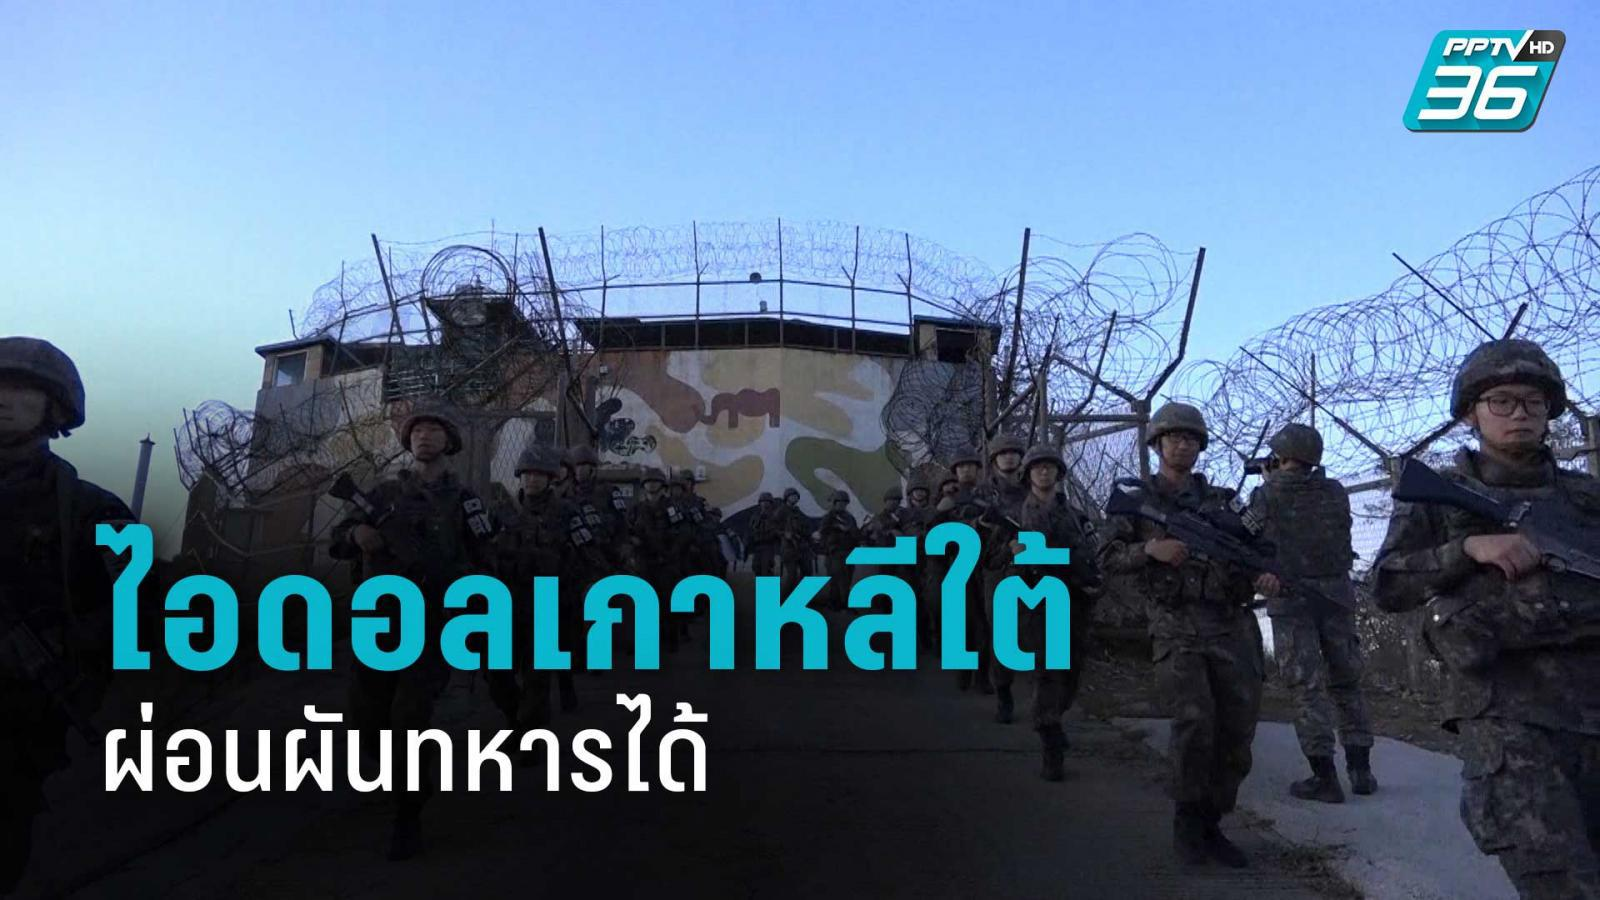 เกาหลีใต้ ผ่านกฎหมายใหม่ ศิลปินชายผ่อนผันทหารได้จนอายุ 30 ปี